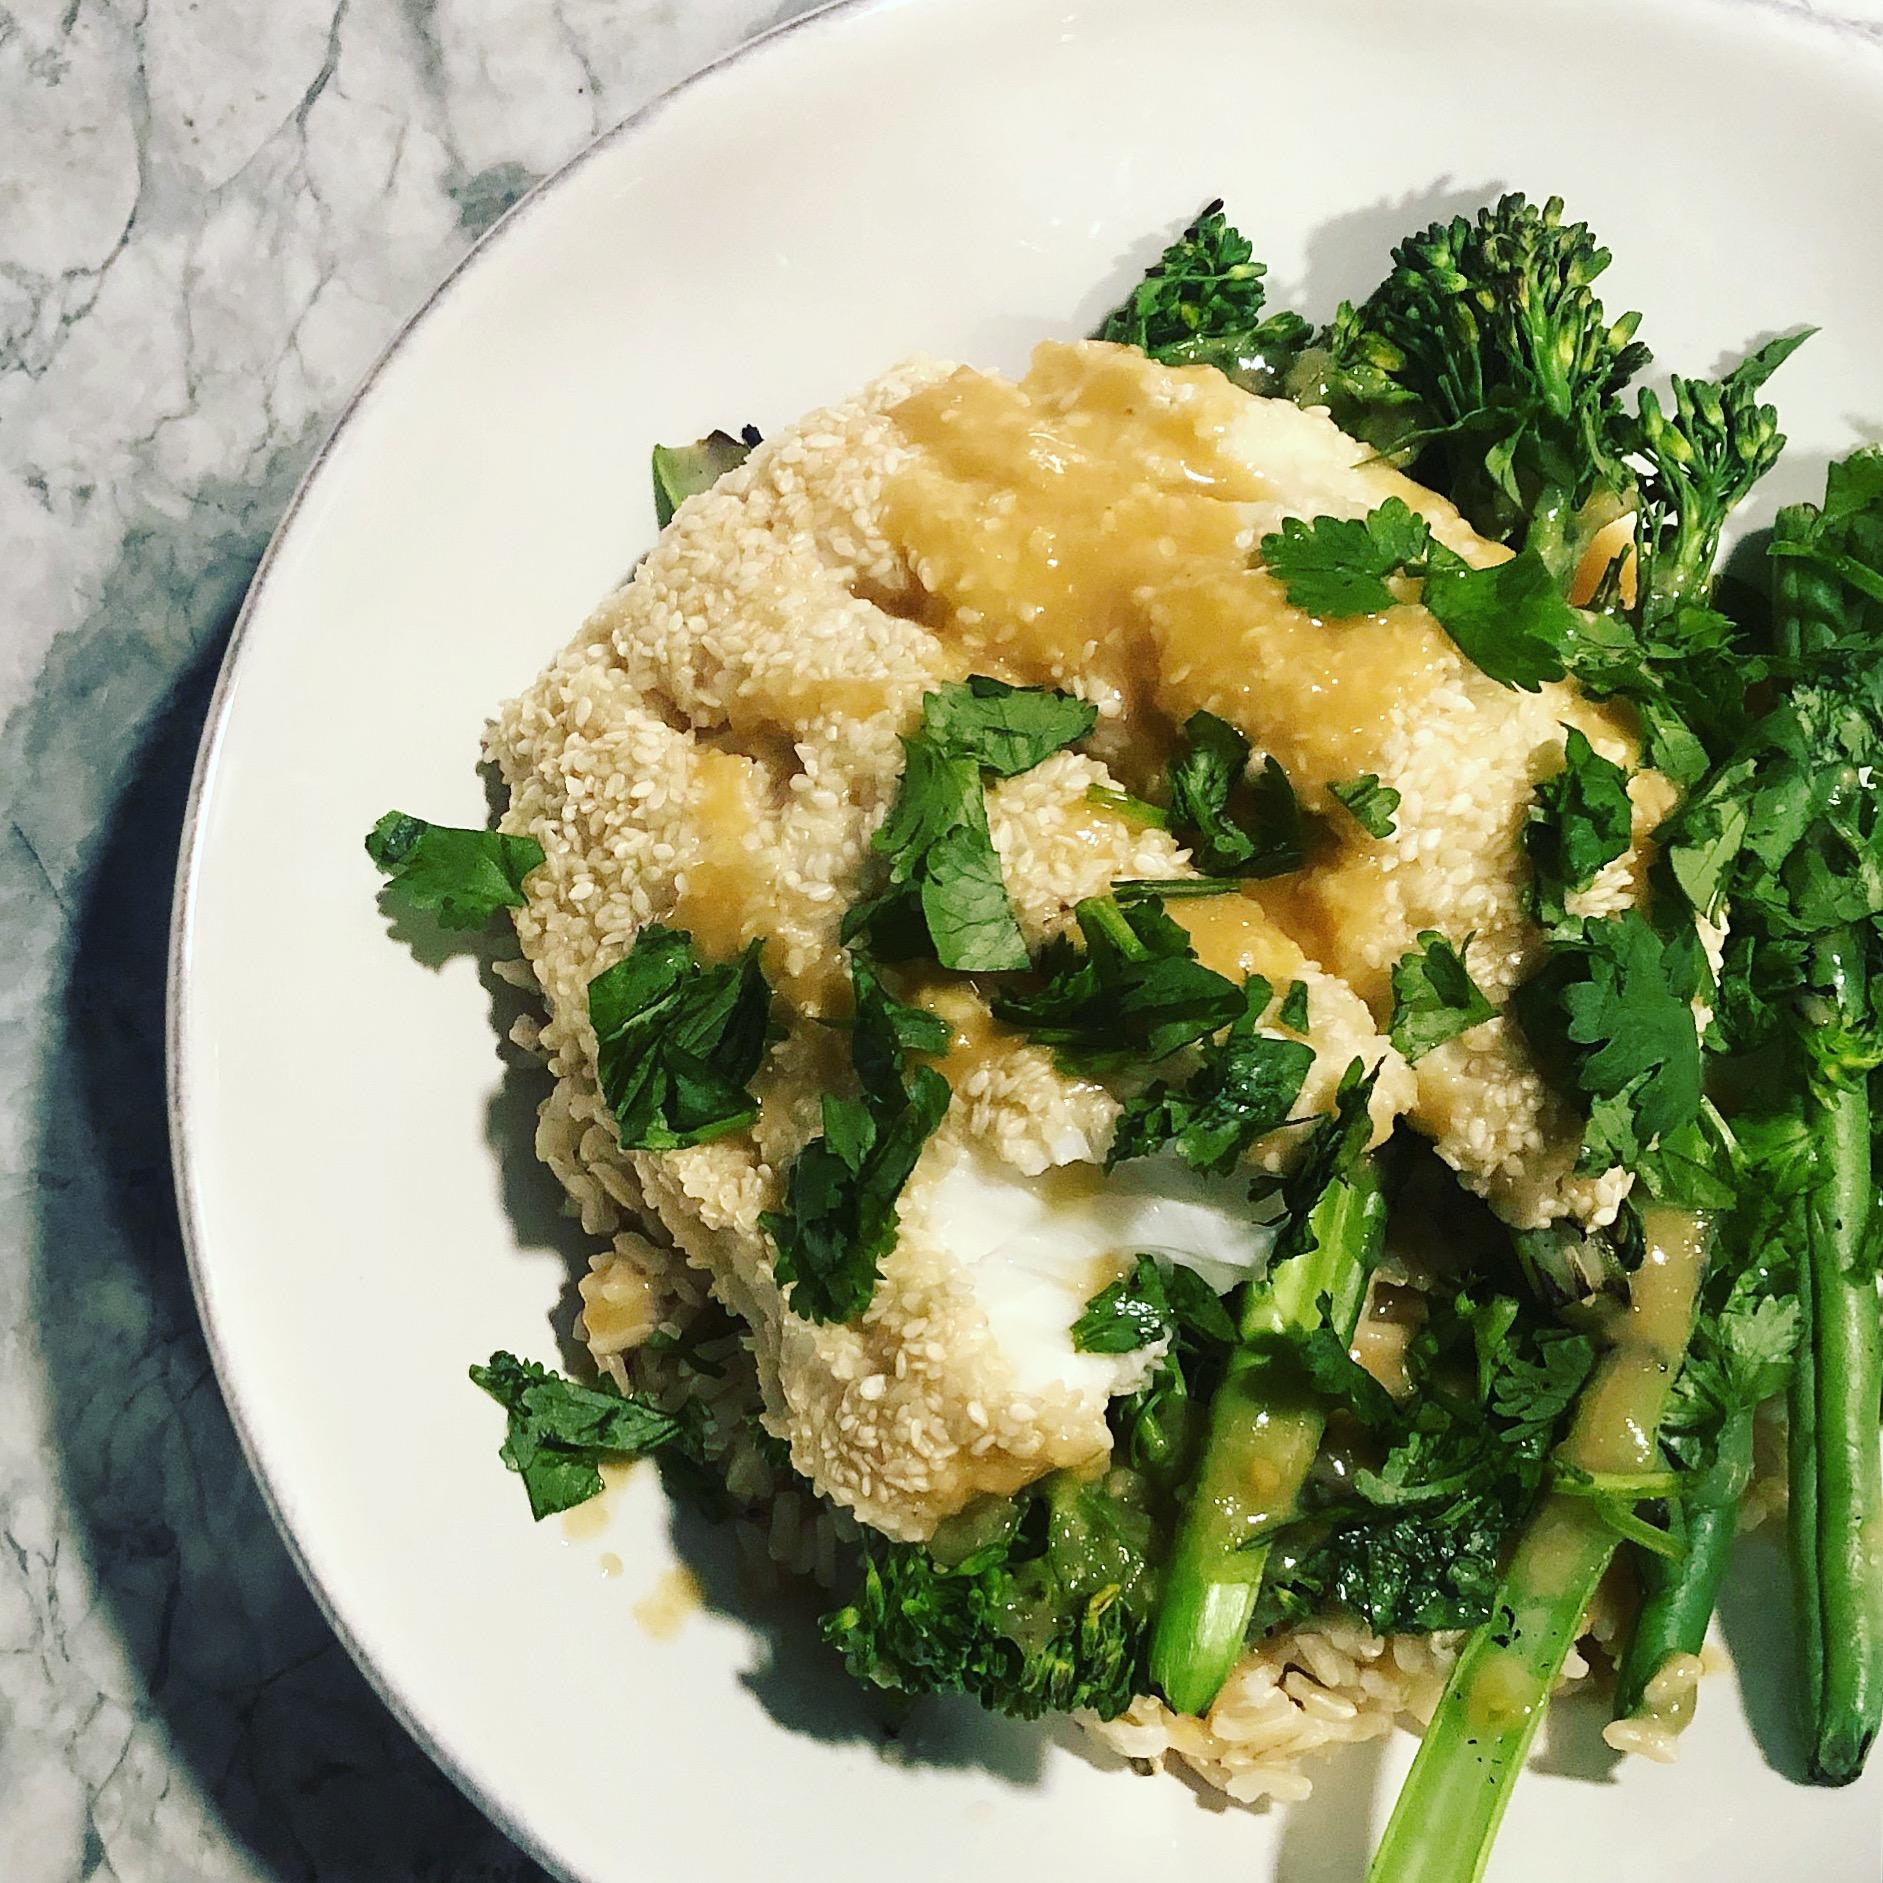 Miso Cod and Broccoli Grain Bowls